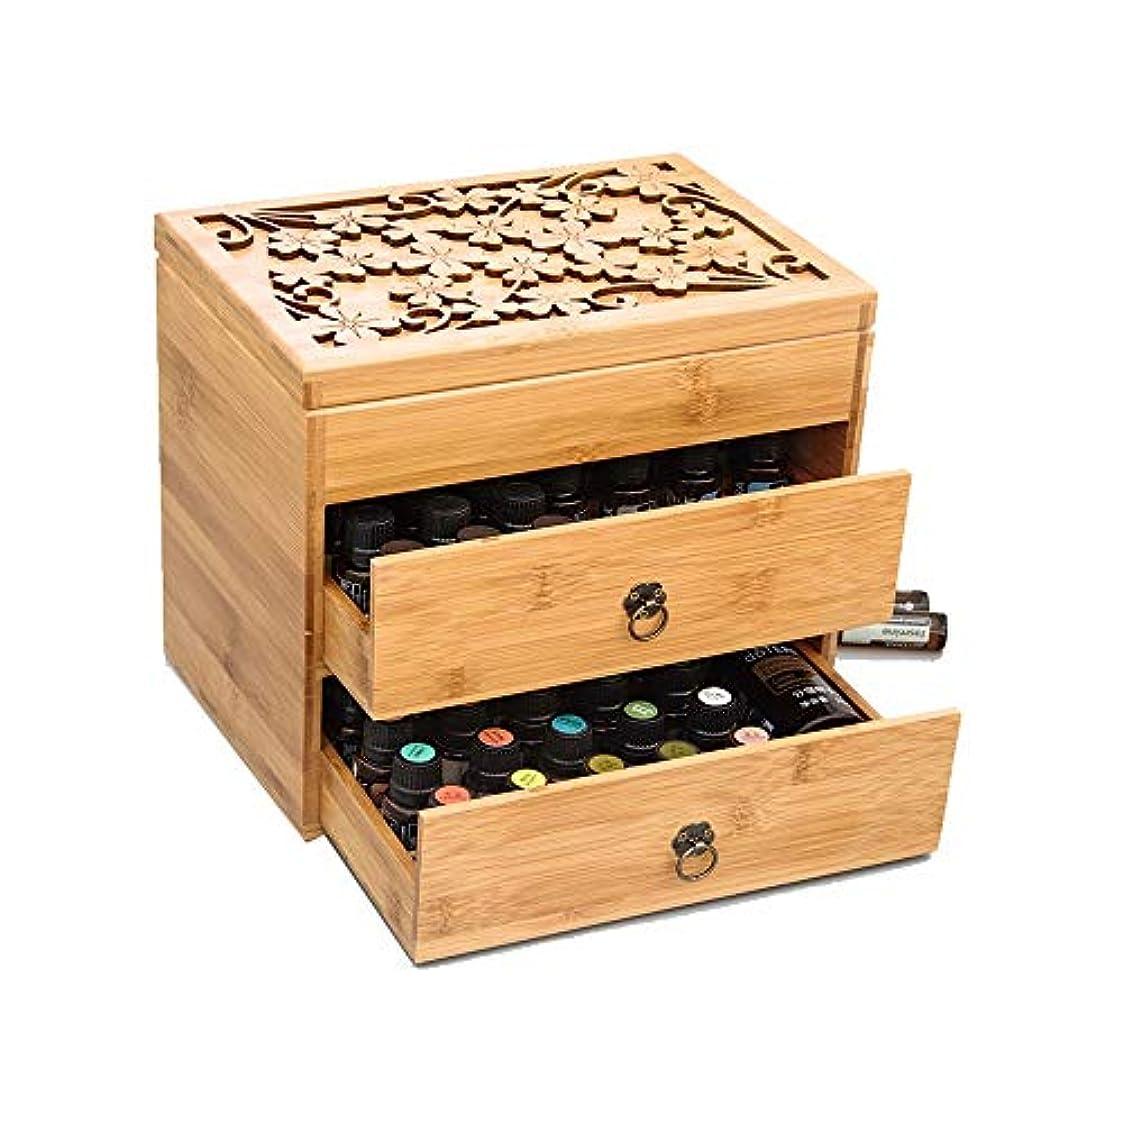 メタルライン恥ずかしさ反響するエッセンシャルオイルの保管 3ティアエッセンシャルオイルボックス木製収納ケースは、エレガントな装飾的なデザインでは5、10&15ミリリットルボトルを保護します (色 : Natural, サイズ : 26X18X24.5CM)